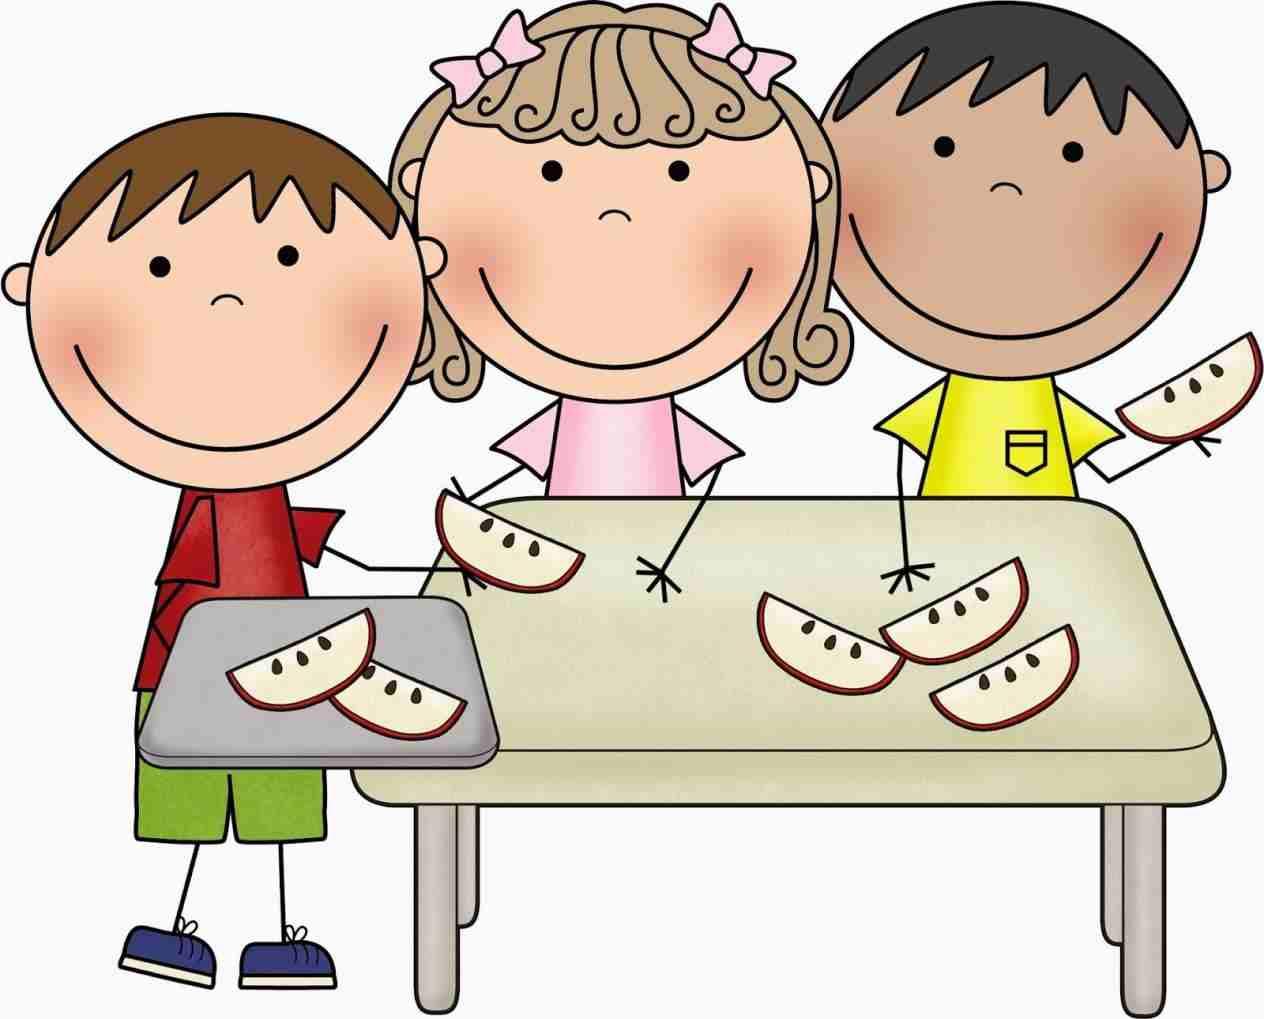 Stock rhshutterstockcom kids Children Eating Breakfast Clipart.